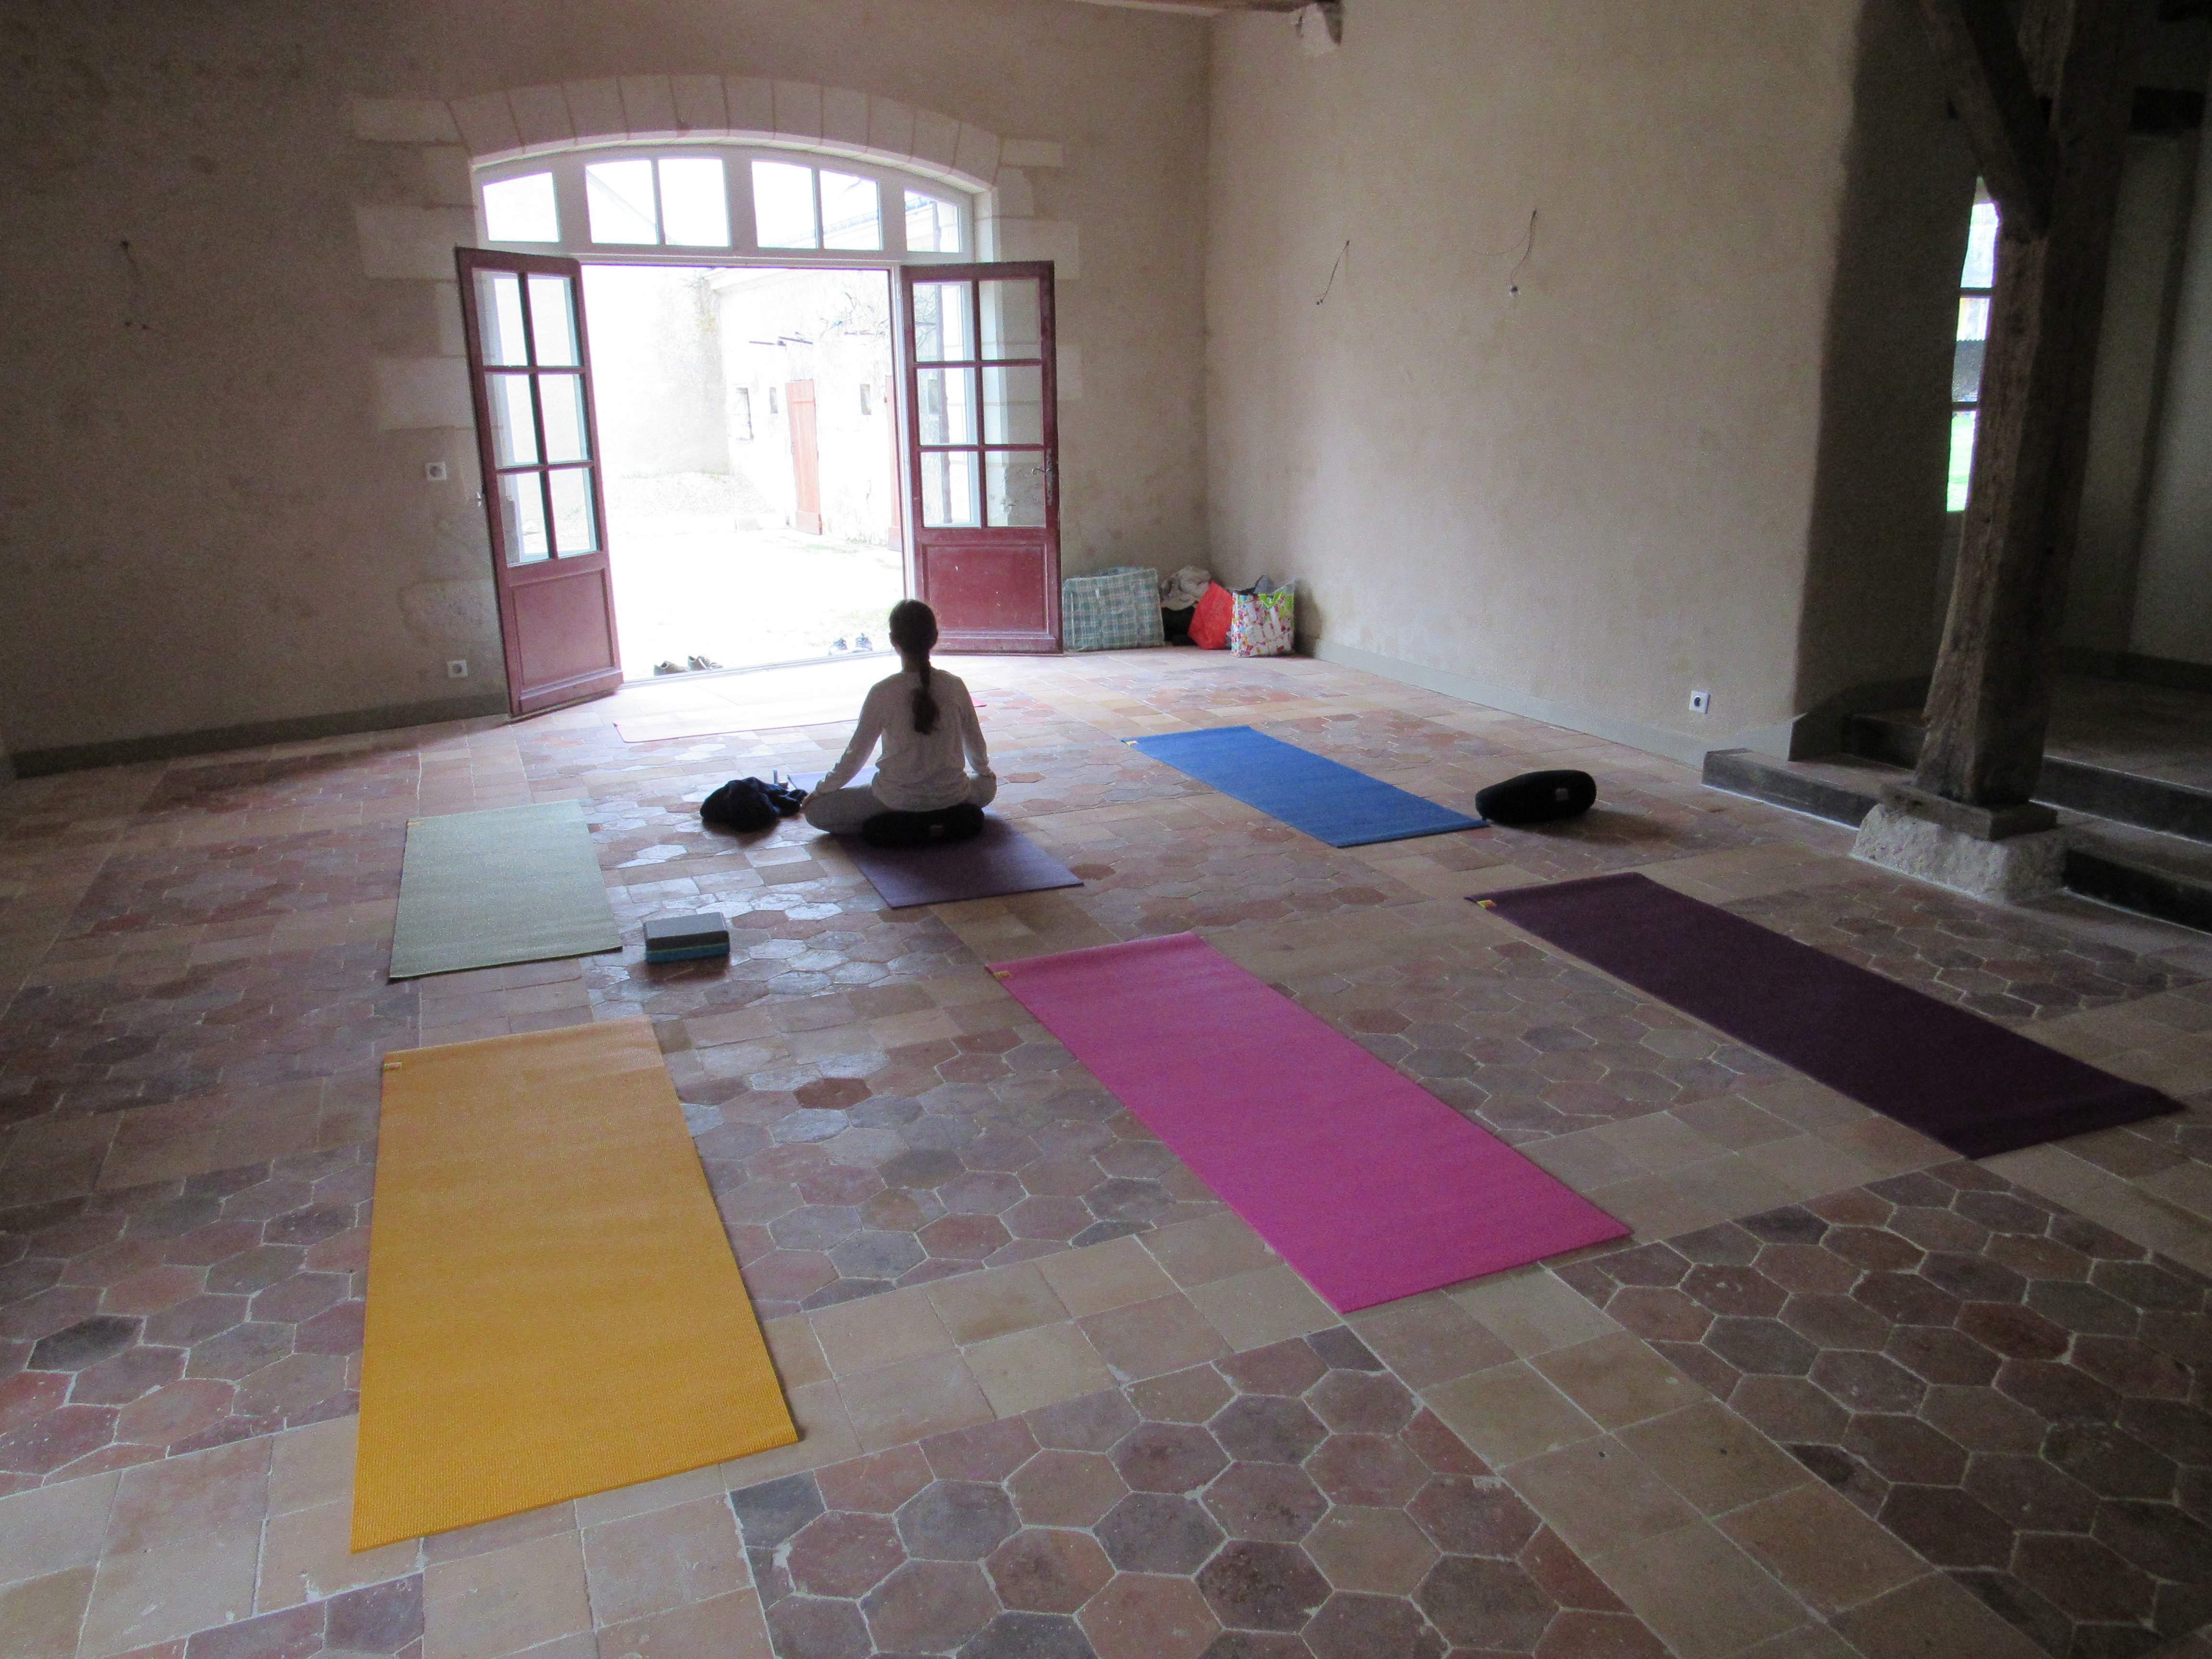 SE RELIER A LA SOURCE - COURS DE YOGA/ MEDITATION / CONCERT AUX BOLS TIBETAINS